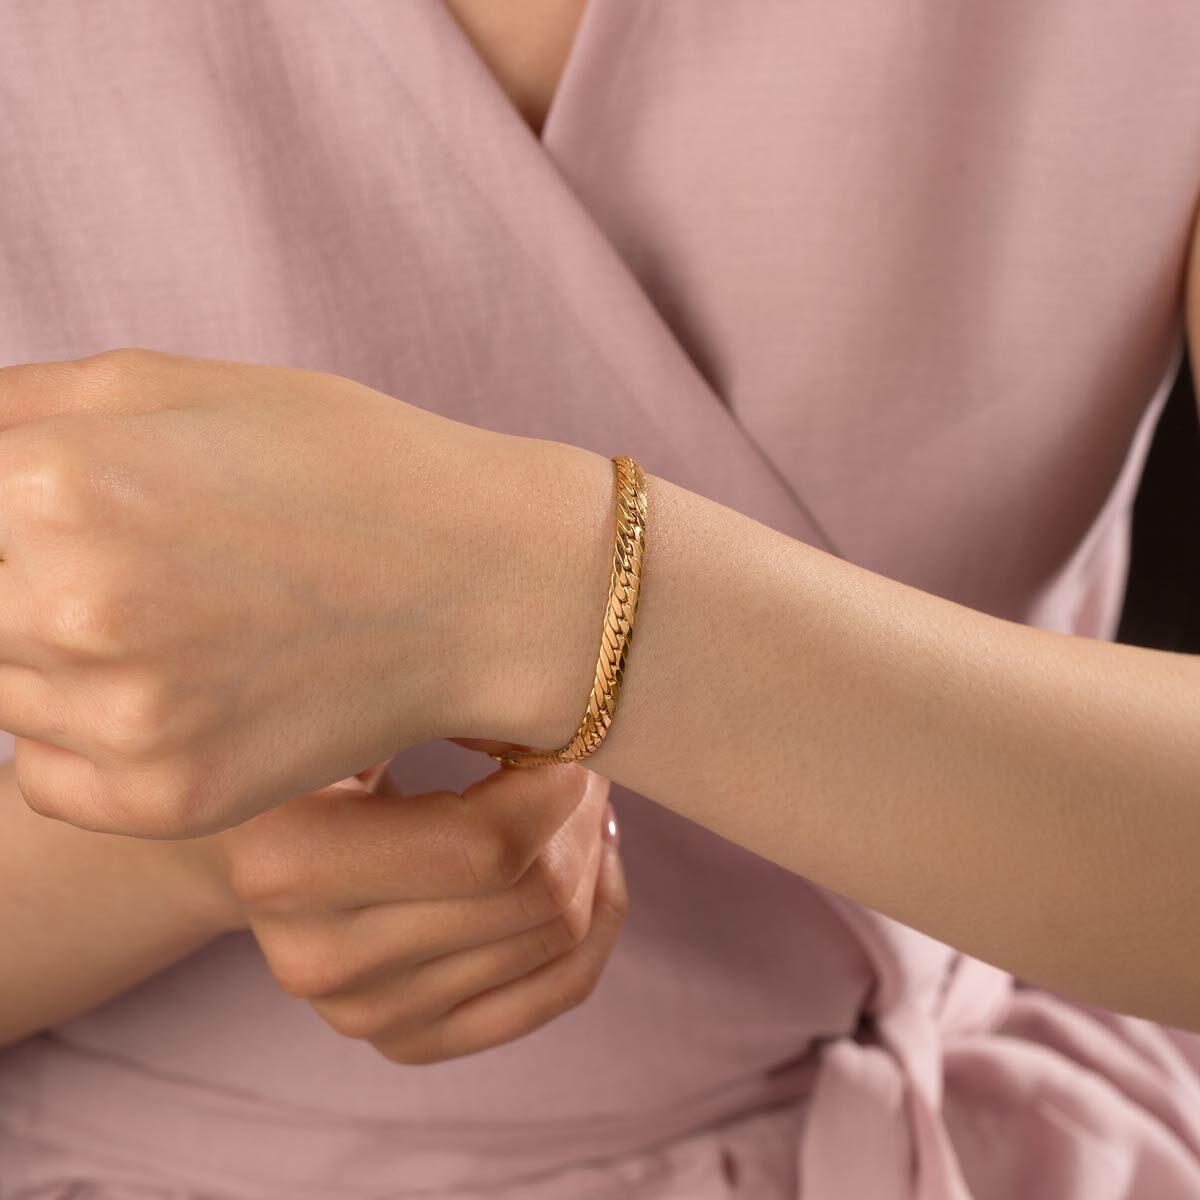 زنجیر دستبند طلا کارتیه کوبیده